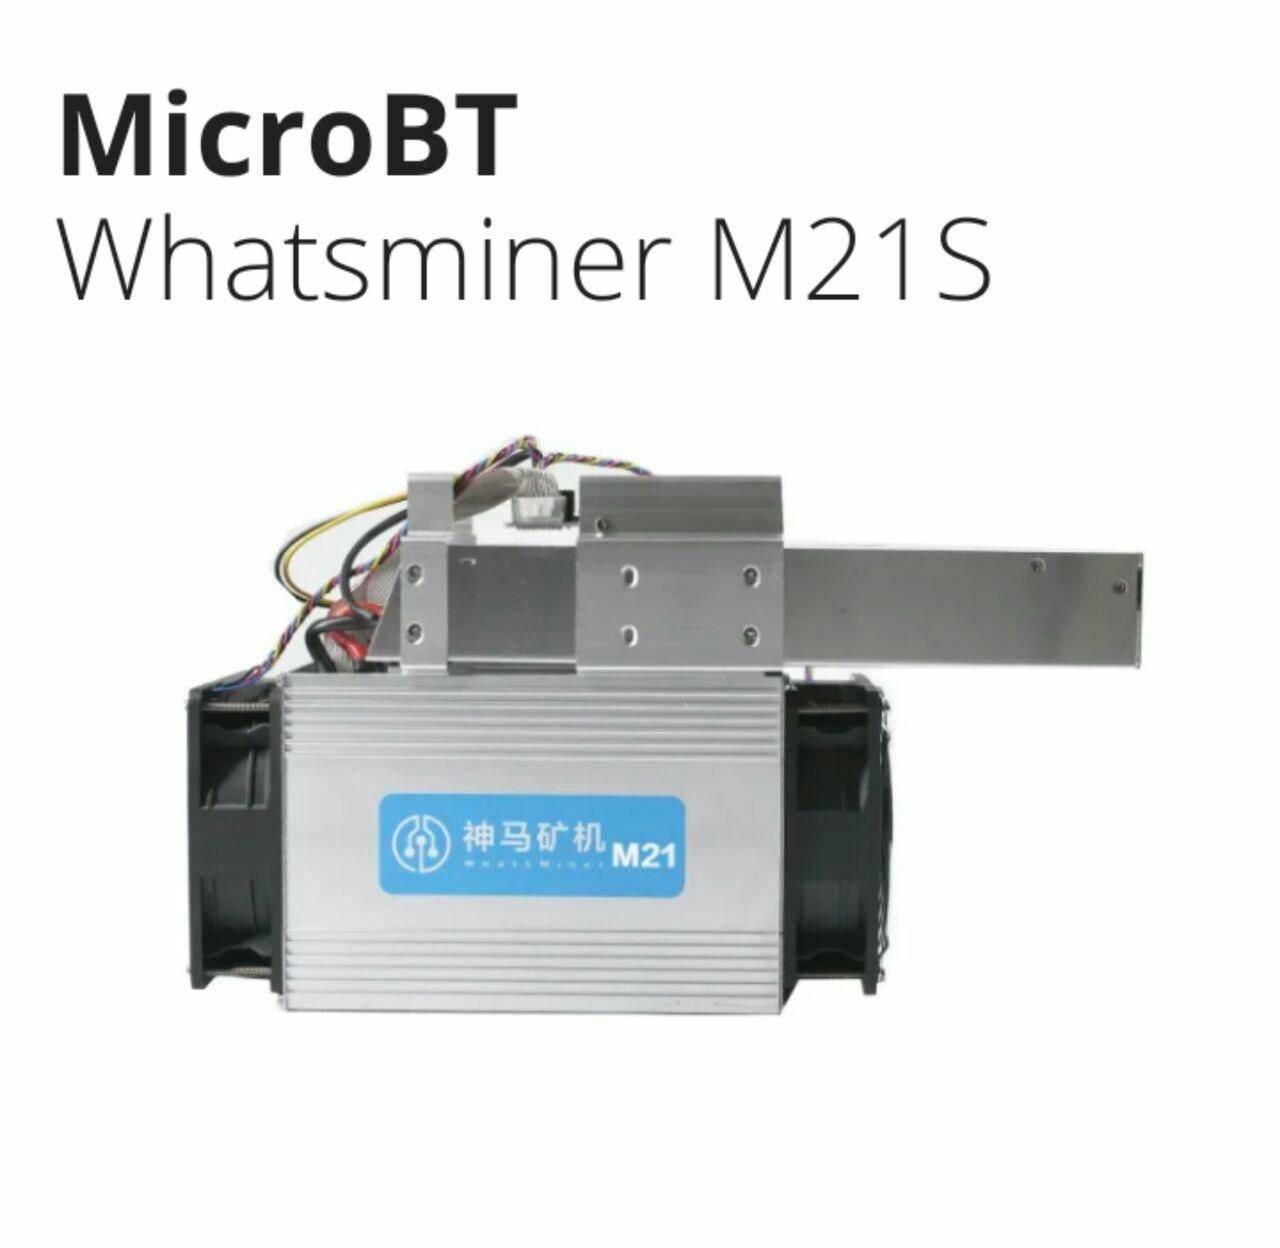 تصویر دستگاه ماینر  Whatsminer M21s 56Th/s